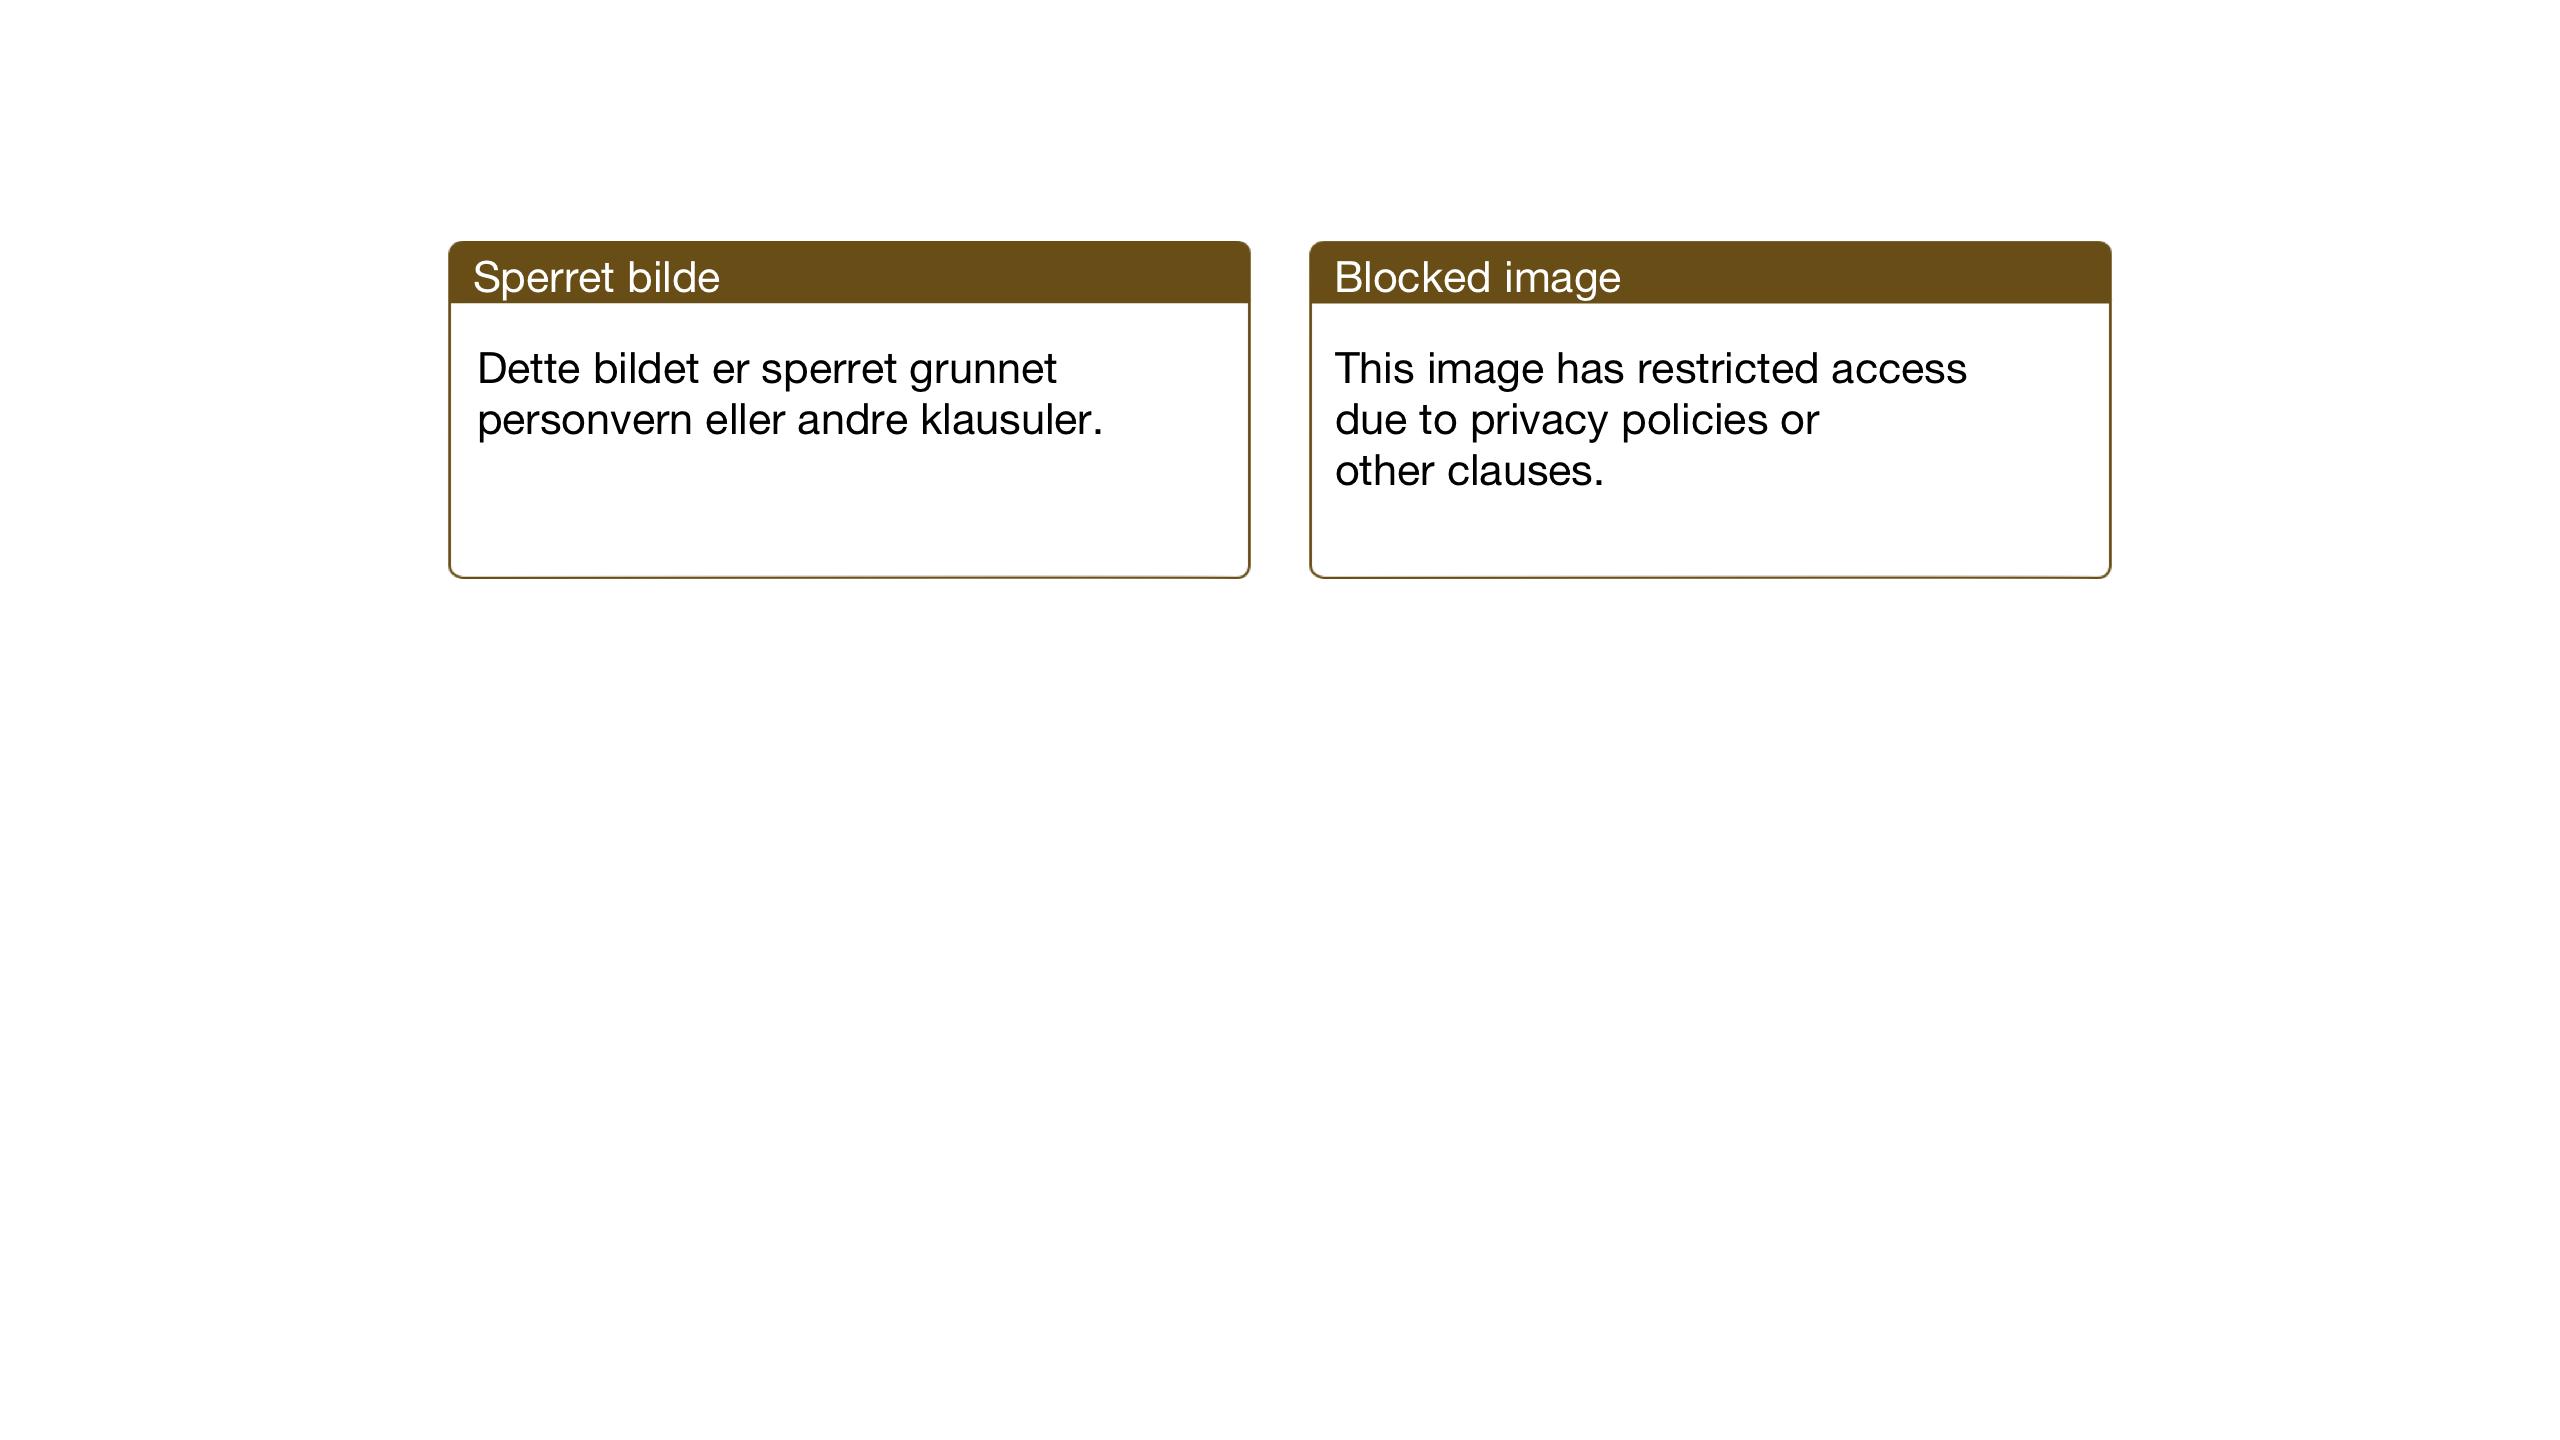 SAT, Ministerialprotokoller, klokkerbøker og fødselsregistre - Sør-Trøndelag, 602/L0148: Klokkerbok nr. 602C16, 1919-1939, s. 69